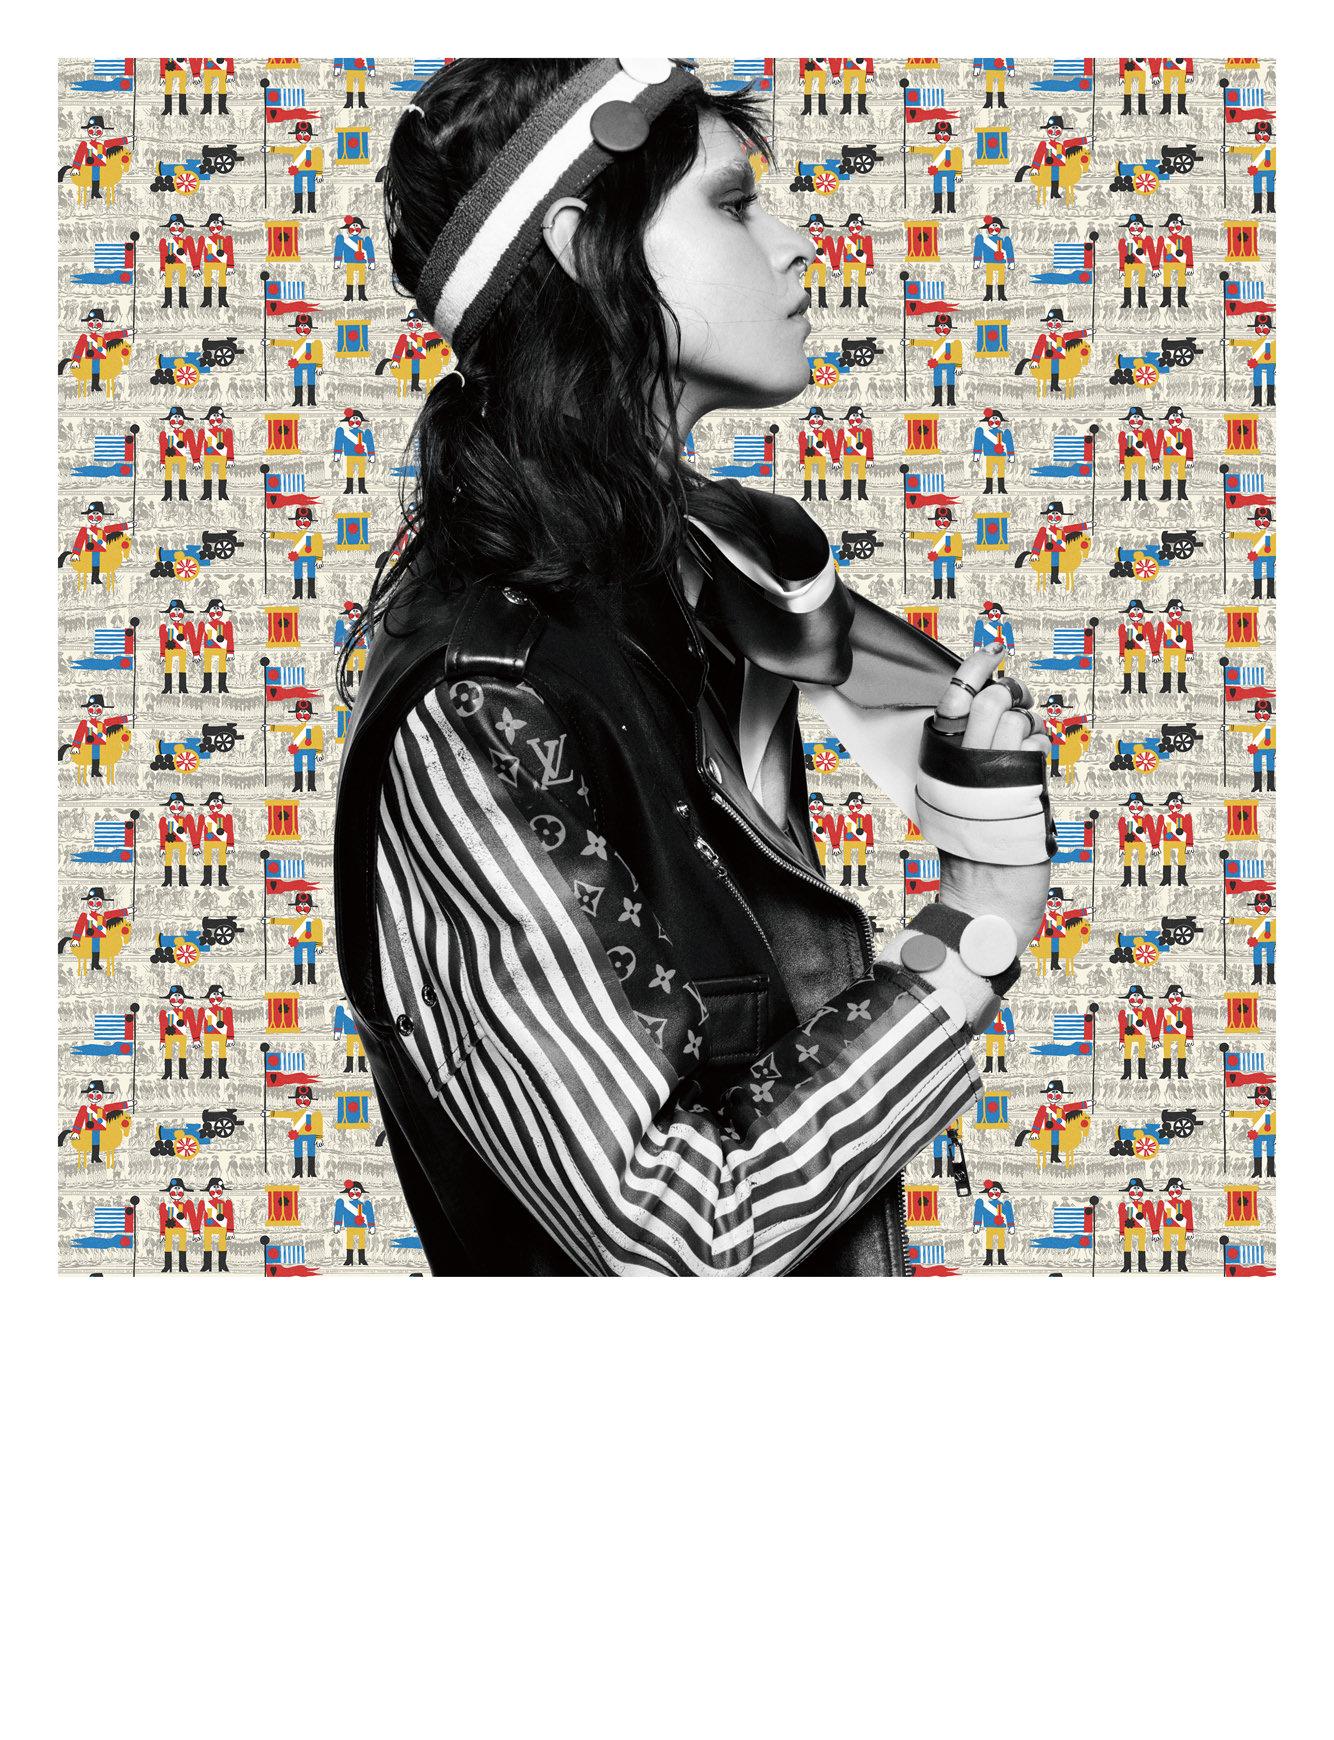 Manteau en cuir peint monogrammé et rayé, manchettes en cuir bicolore et mocassins, LOUIS VUITTON. Short en denim, CHERRY VINTAGE. Bandeau, poignets et chaussettes, AMAZON.COM. Bagues émaillées, TULESTE.